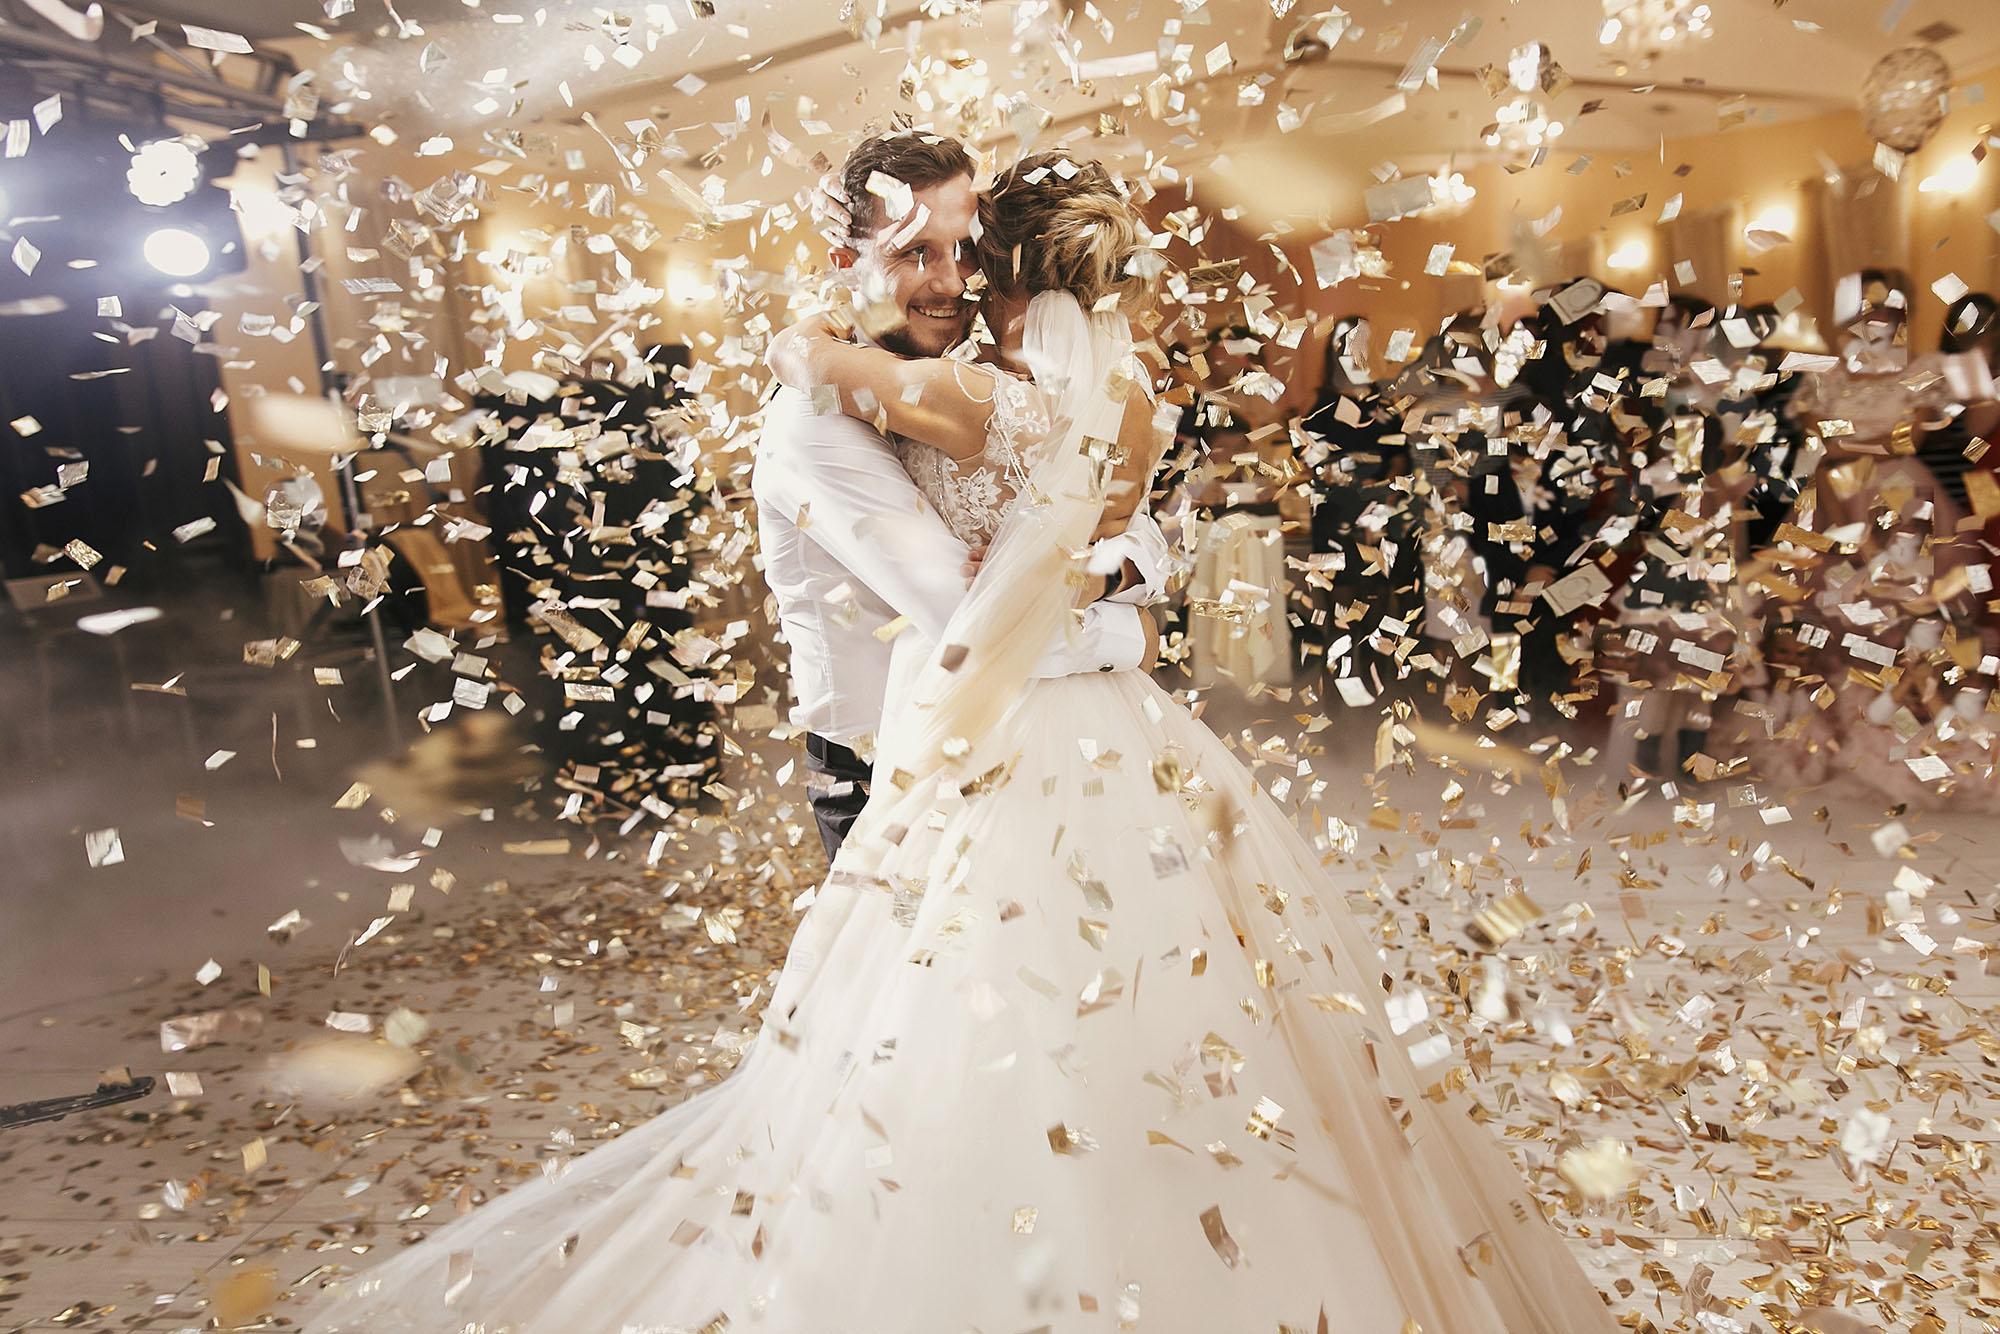 PERSONAL WEDDINGS